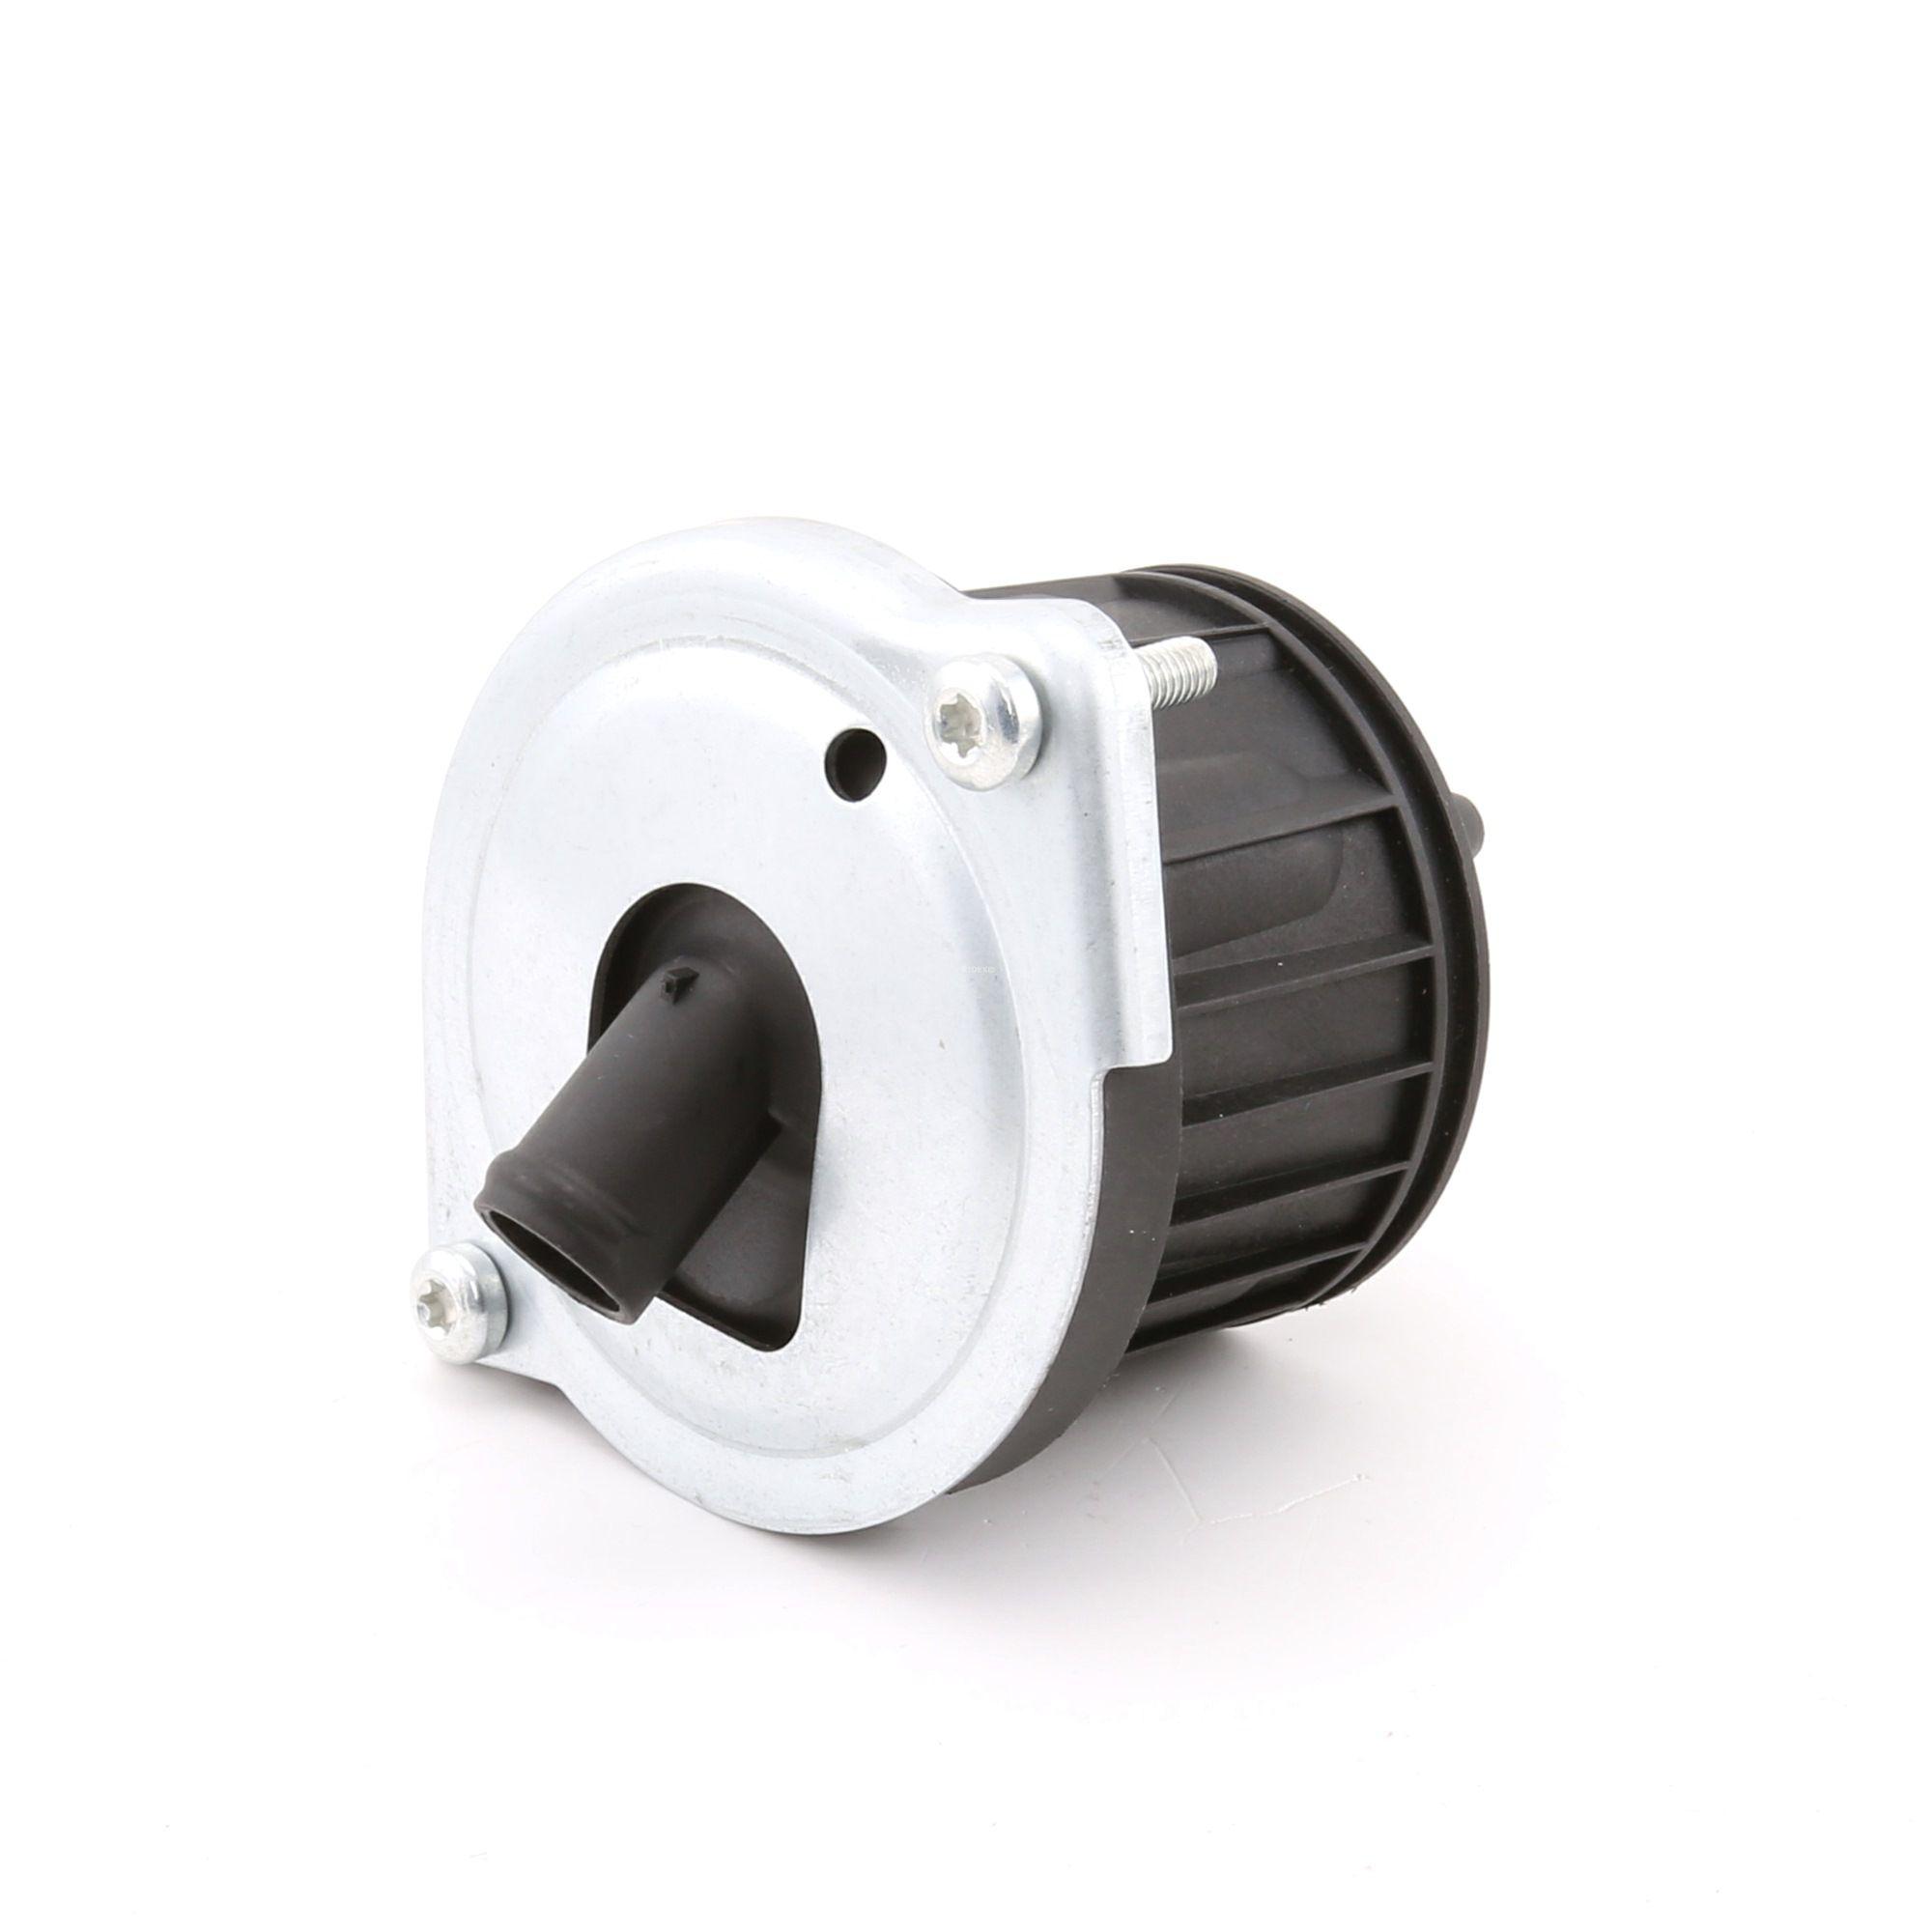 Купете 3324O0005 RIDEX Маслен сепаратор, обезвъздушаване на колянно-мотовилкови бло 3324O0005 евтино